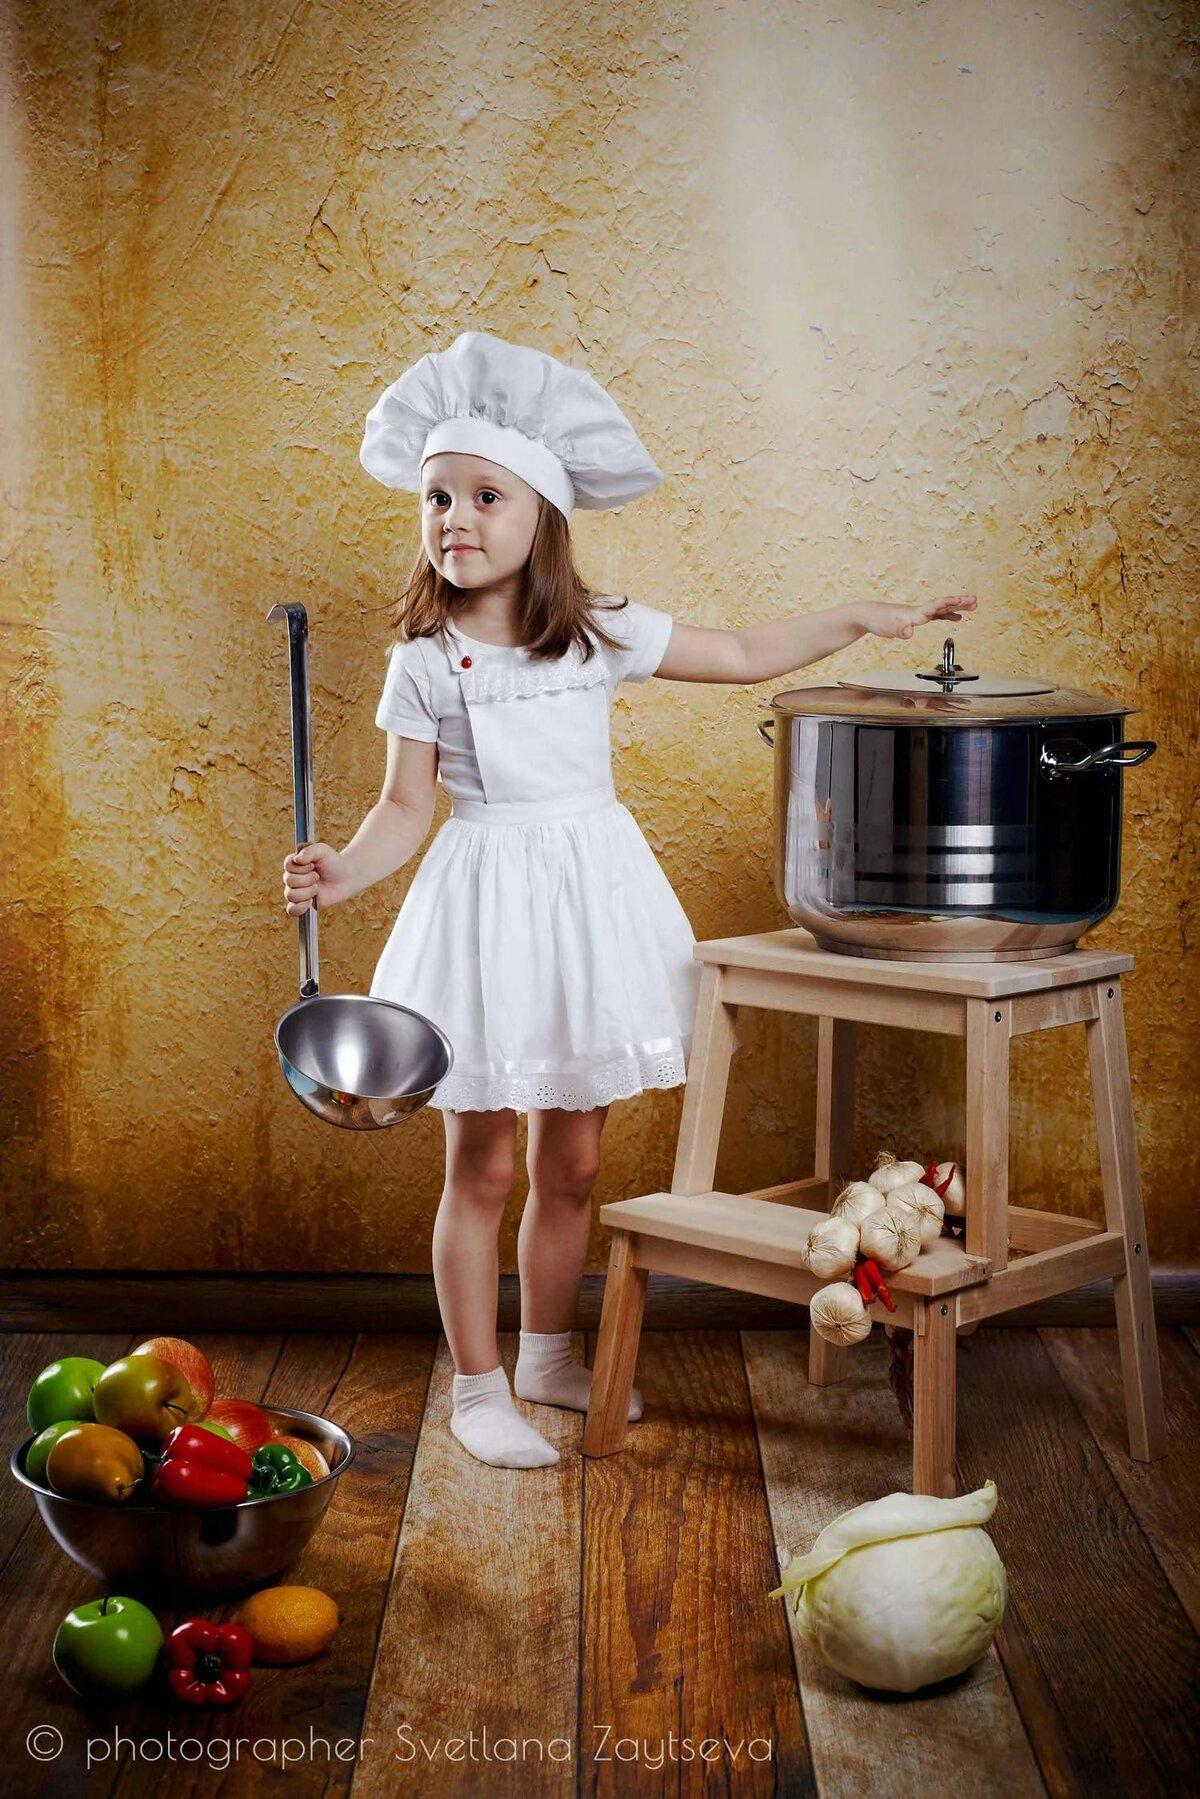 украшения на кухню своими руками фото поваренок открытка